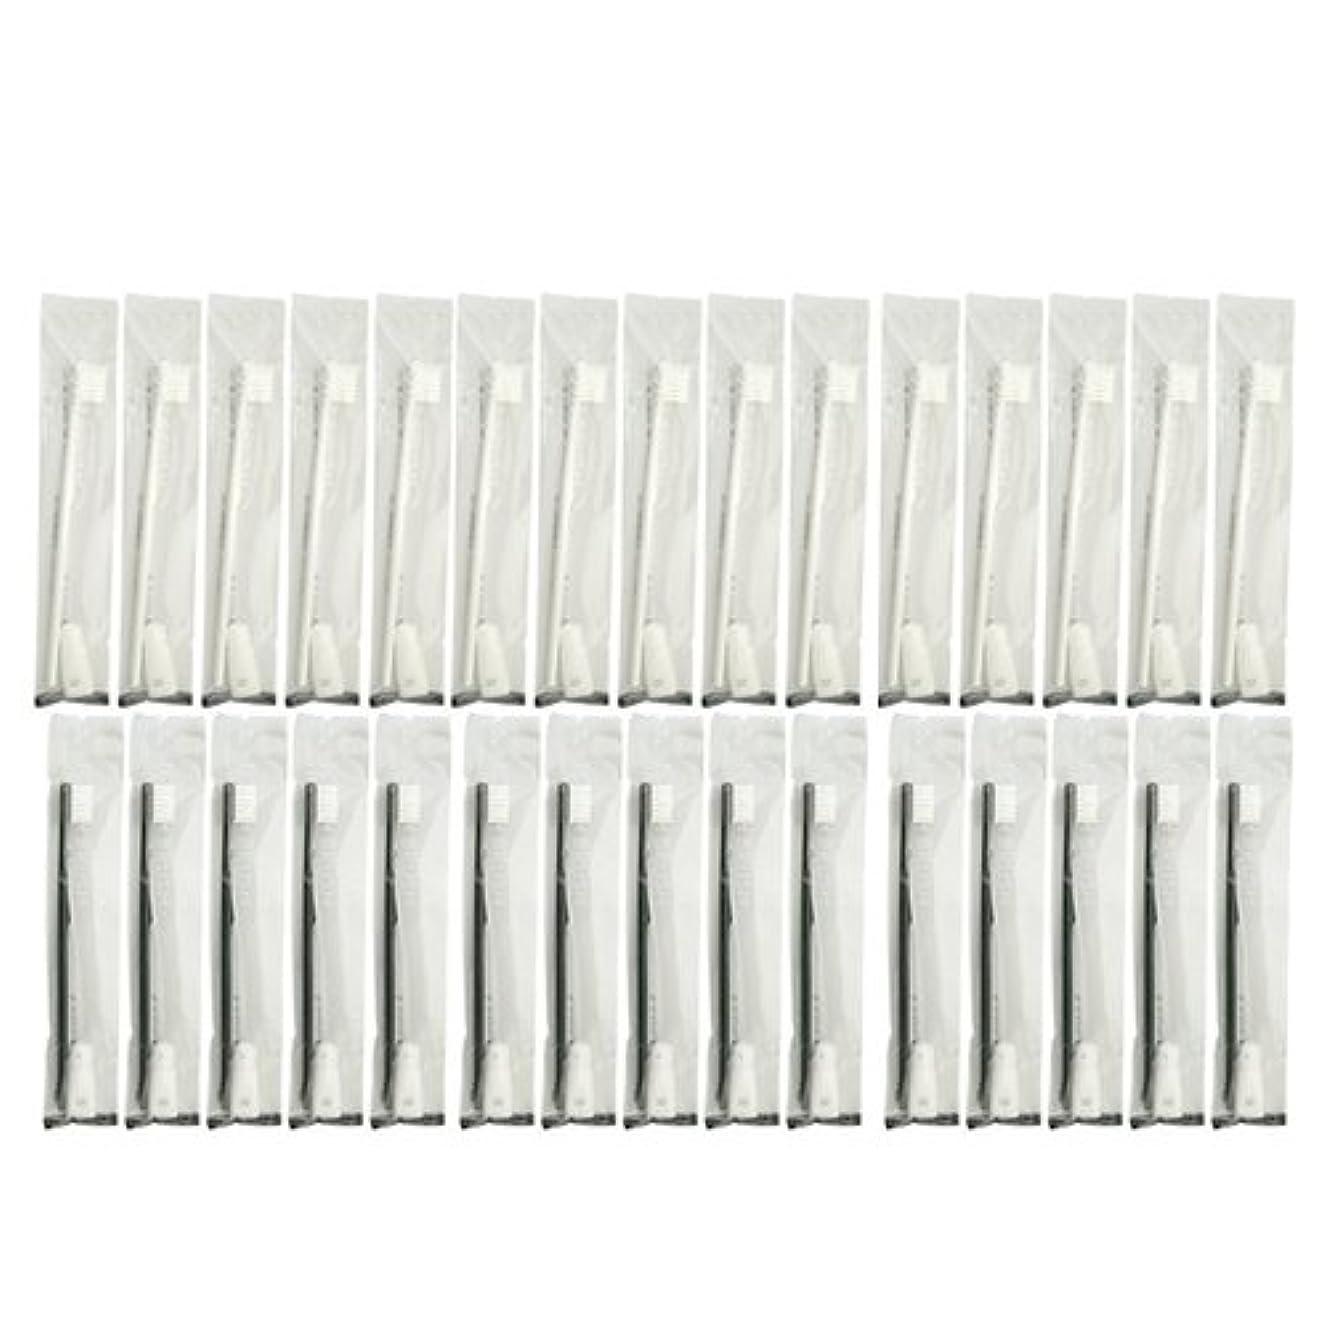 飢急降下部門業務用 使い捨て歯ブラシ チューブ歯磨き粉(3g)付き アソート 40本 (ブラック20本/ホワイト20本)セット│ホテルアメニティ 個包装タイプ